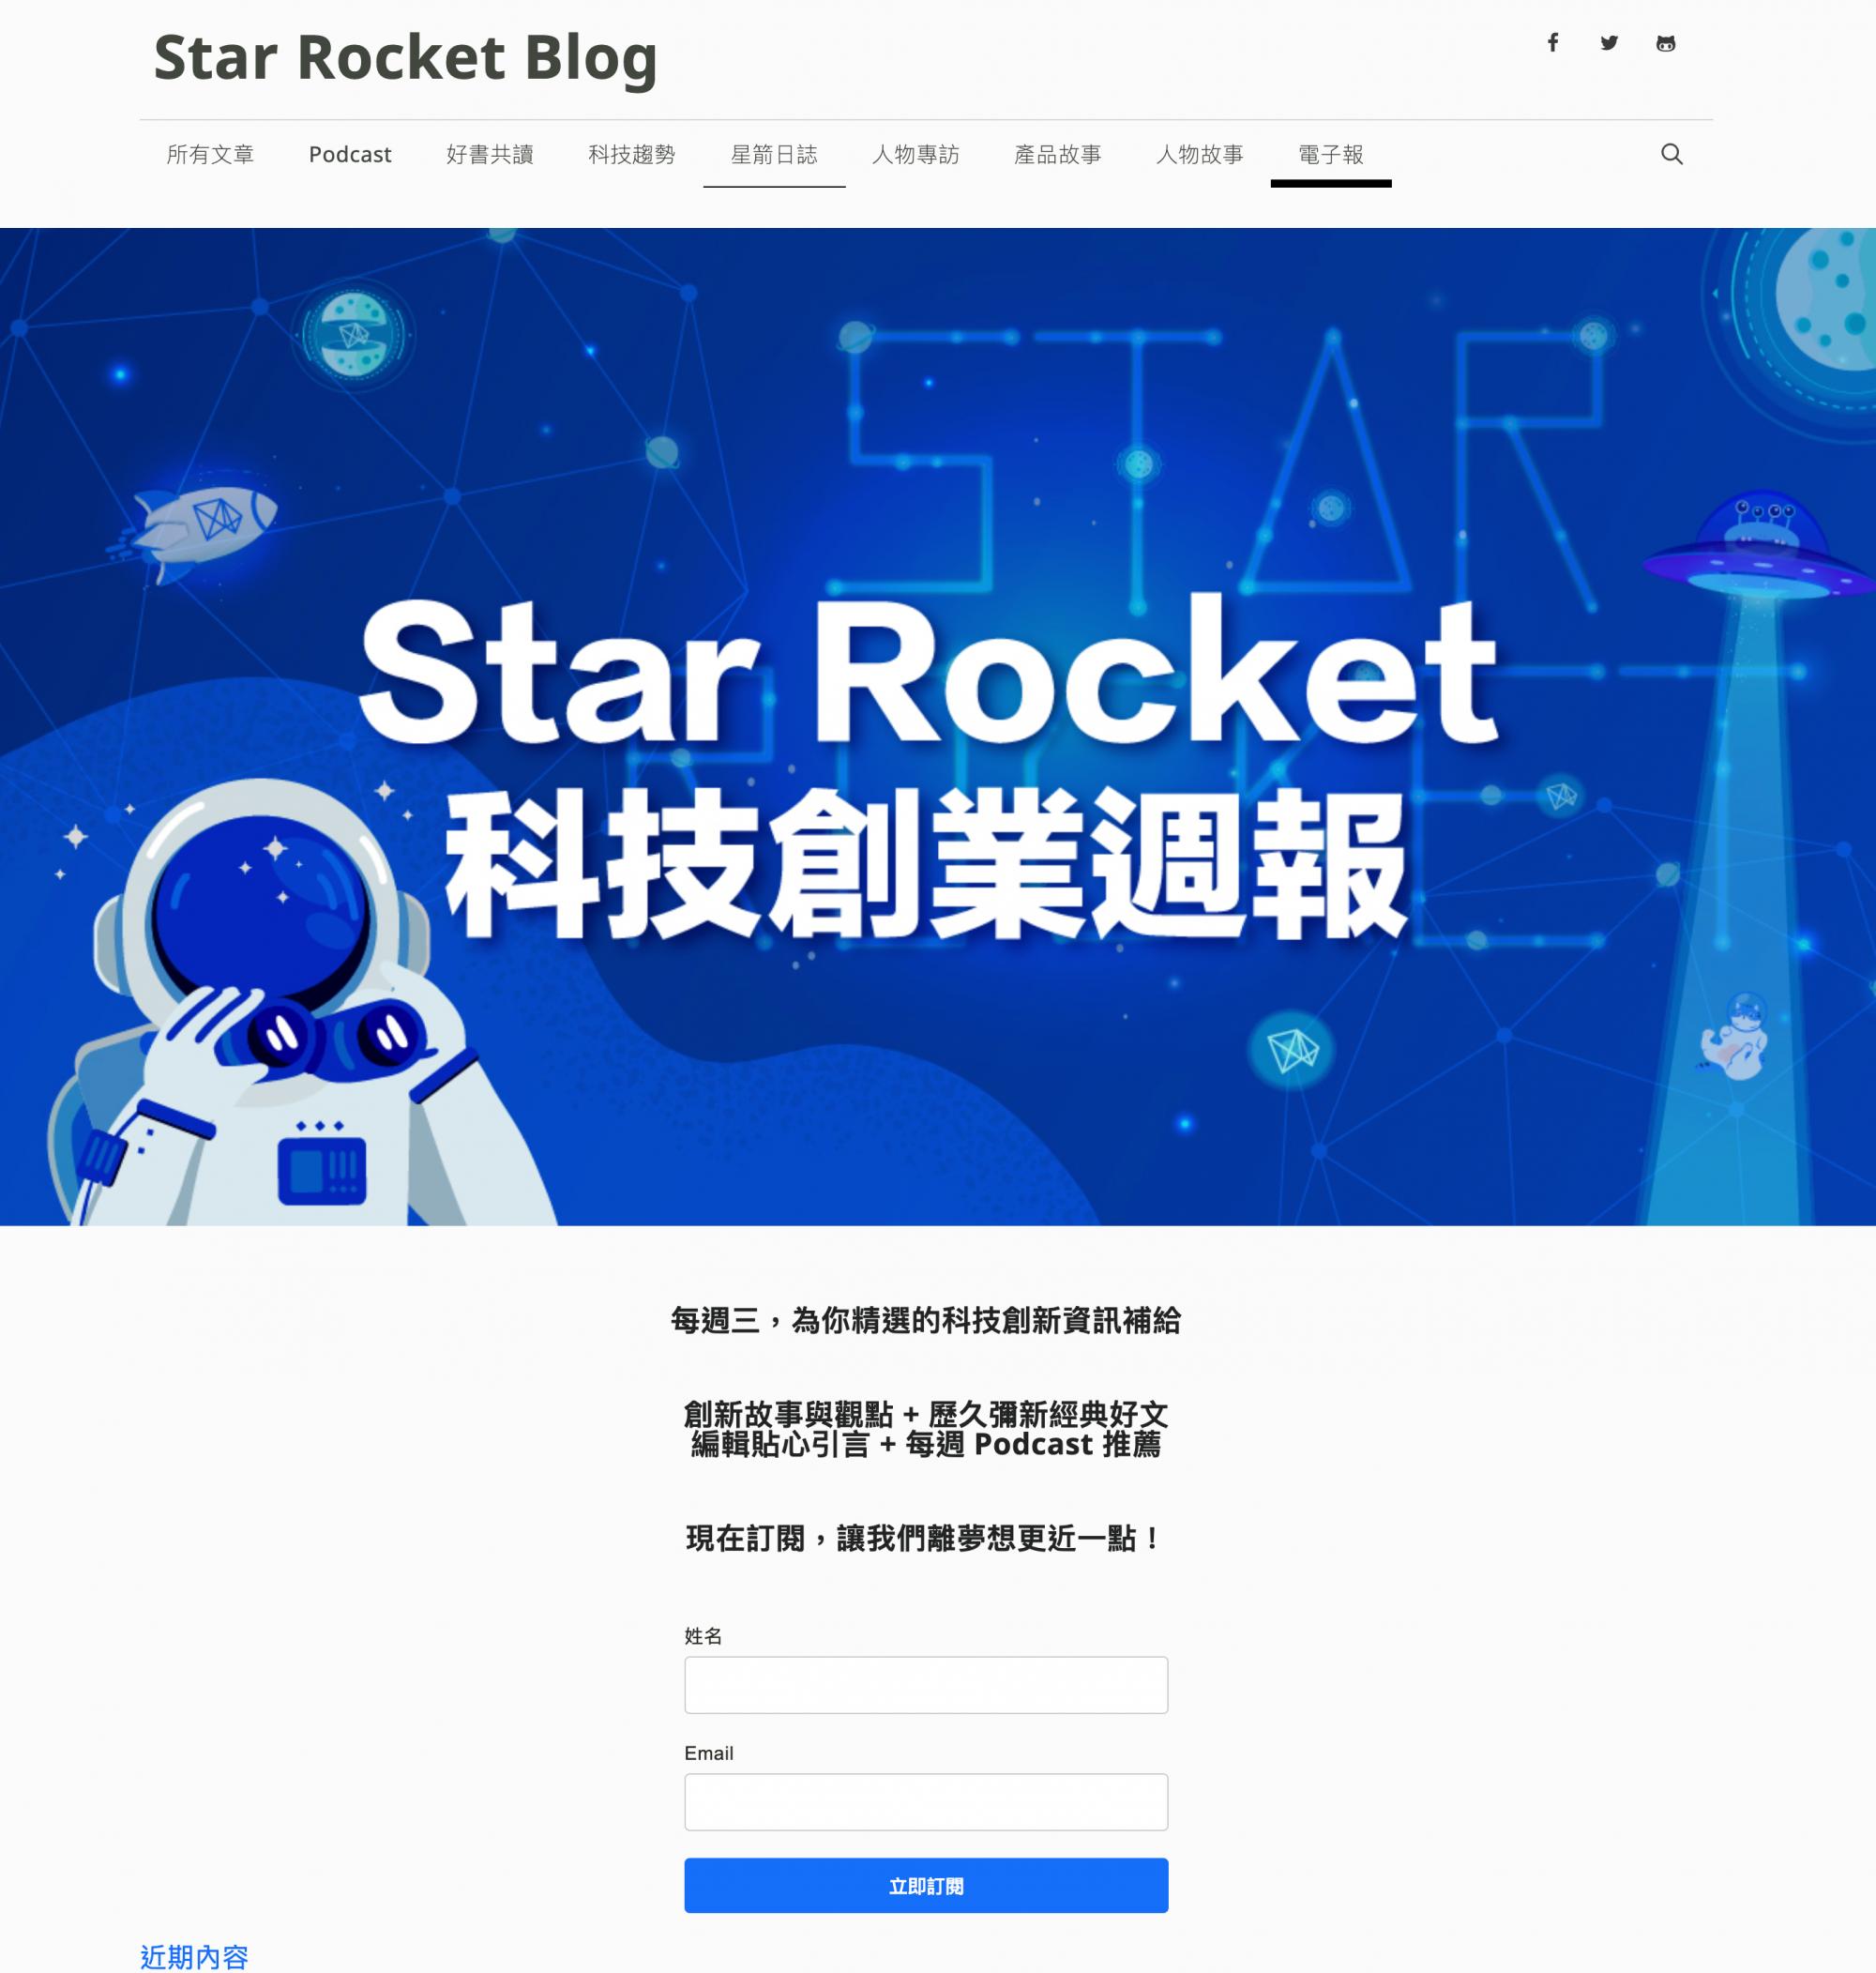 StarRocket 星箭廣播的網站上,就可以訂閱他們的科技創業週報。